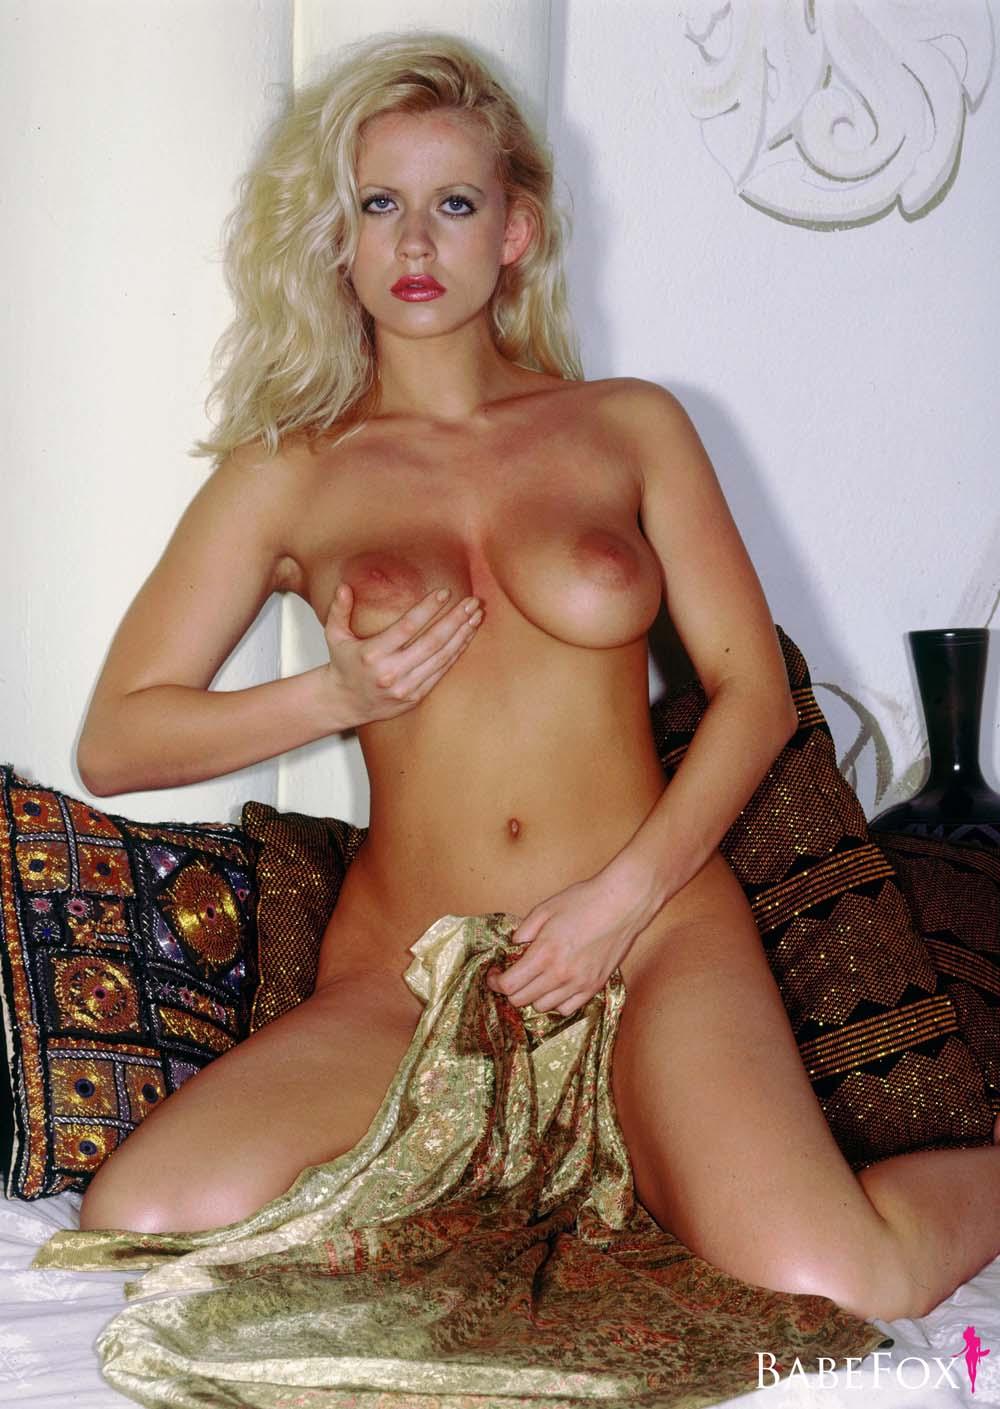 ruth higham nude photos